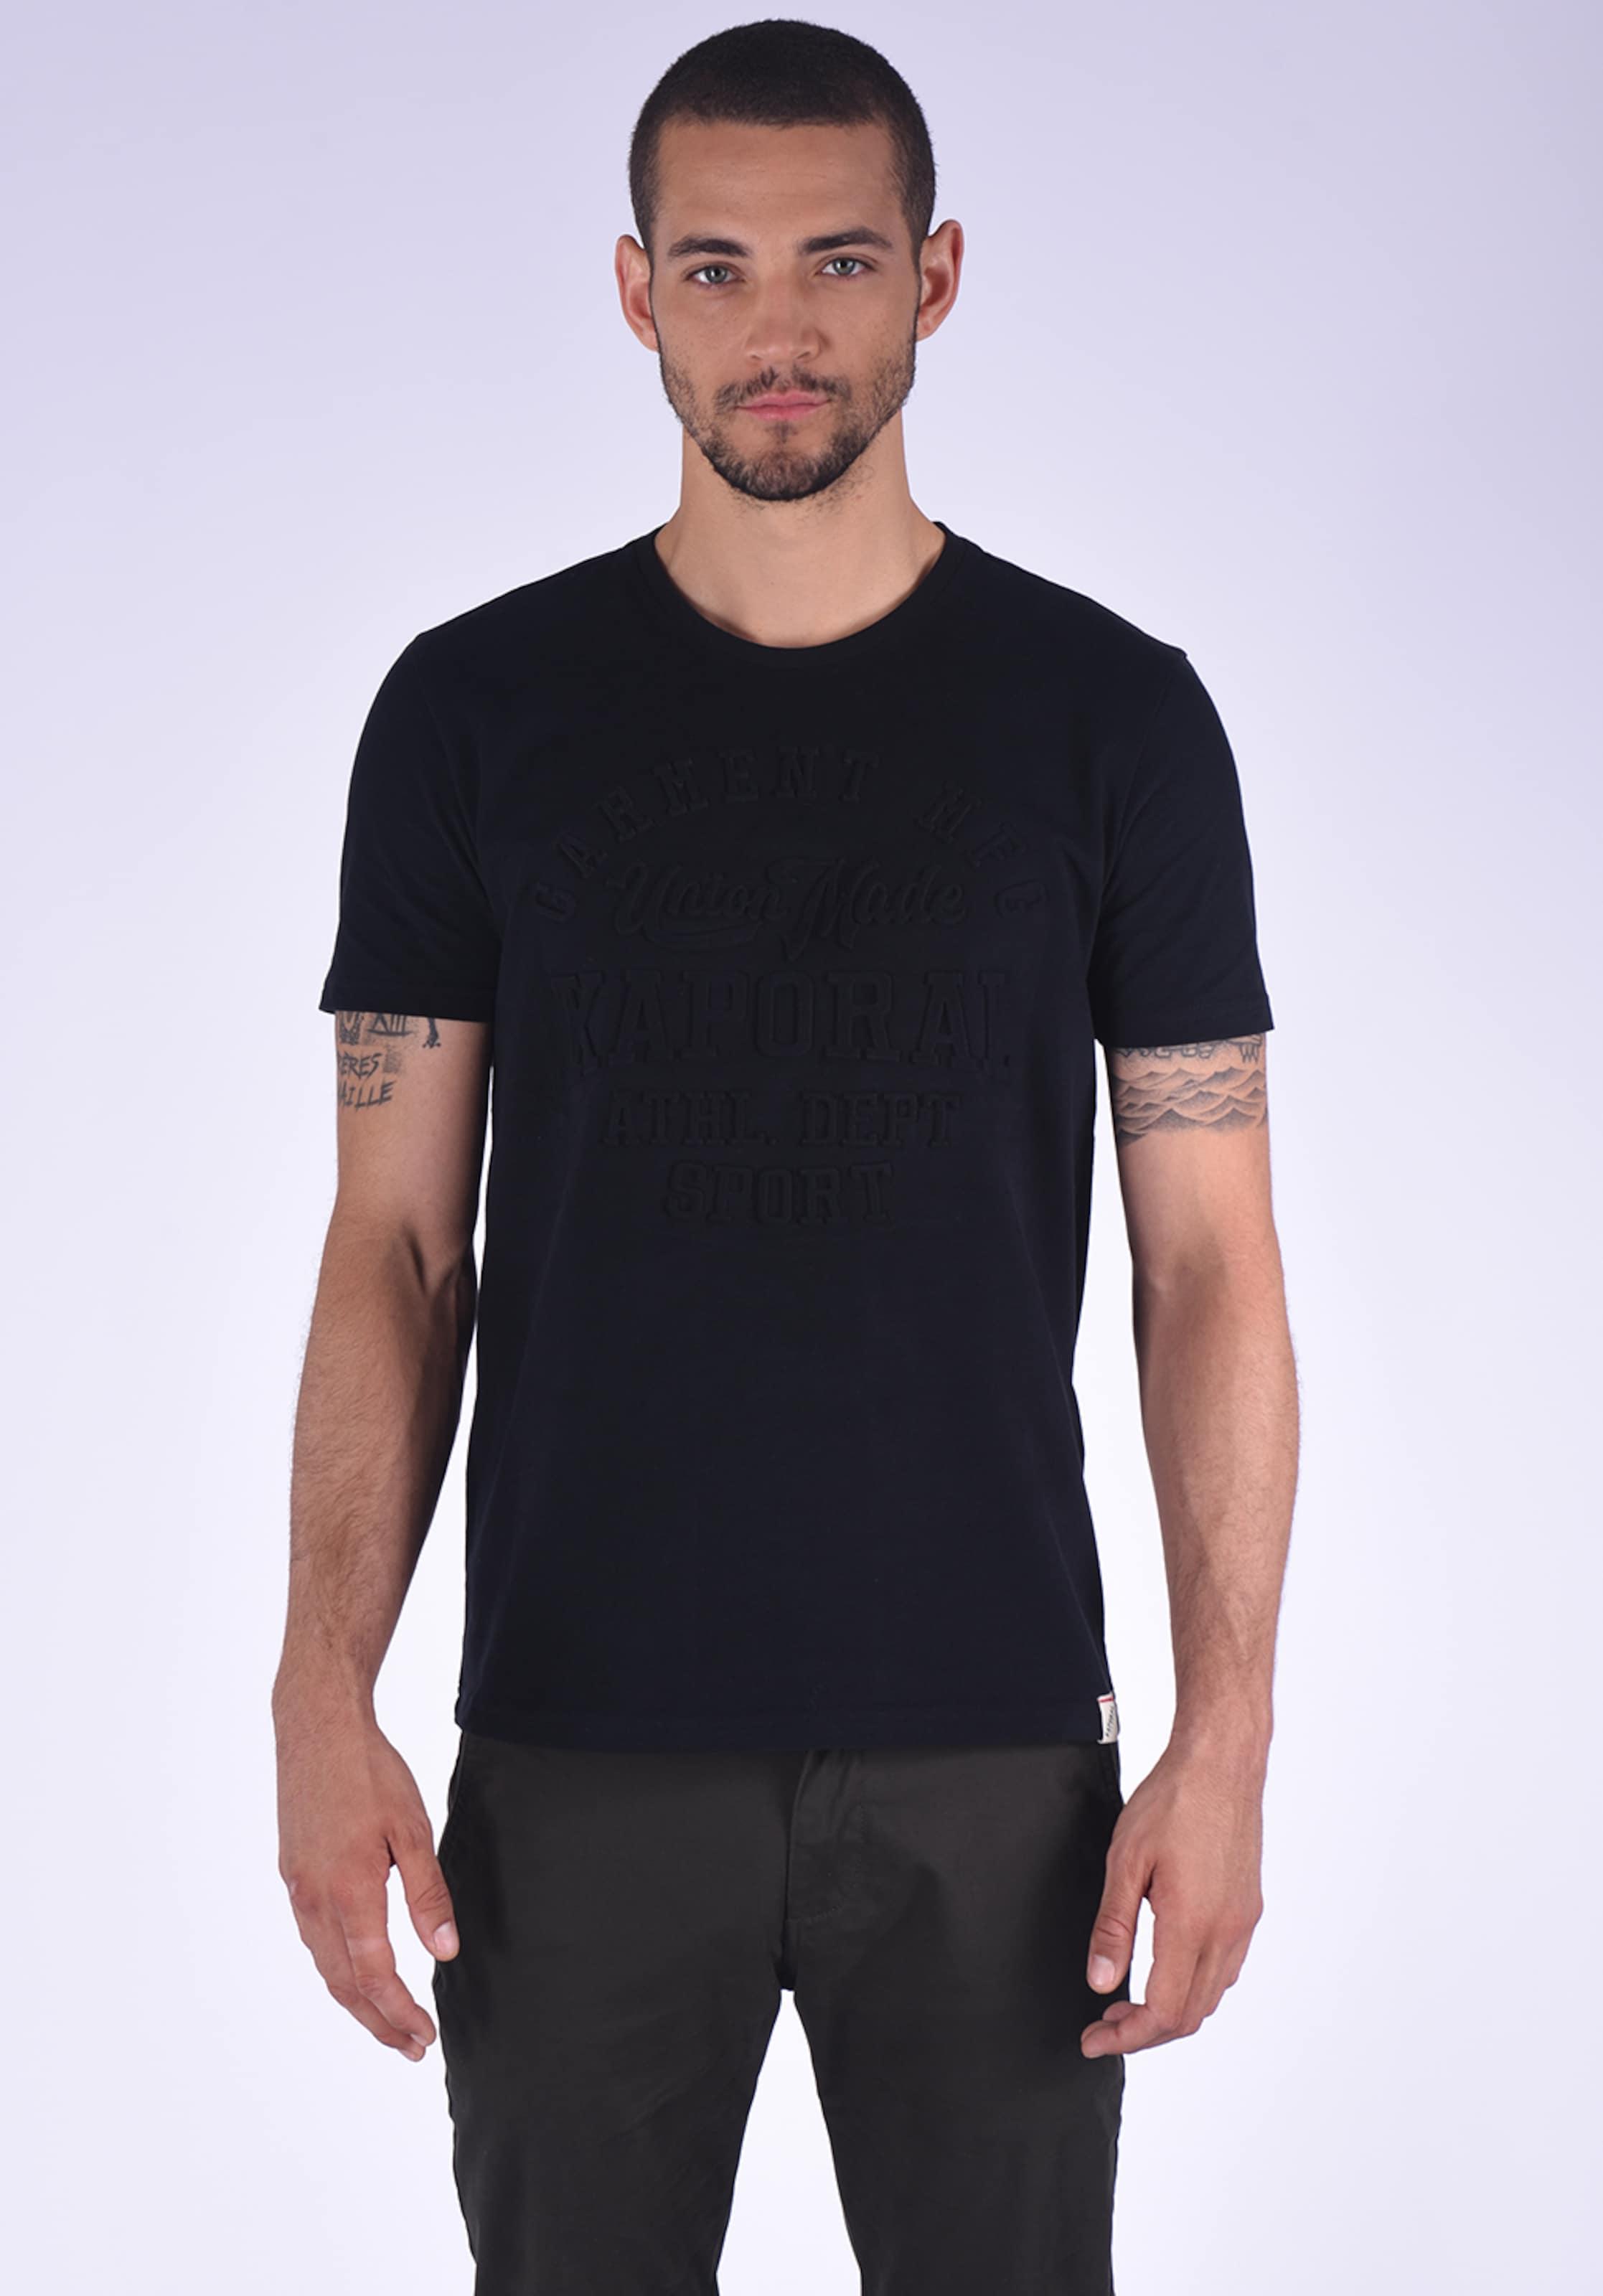 Klassischen Im Schwarz Folk Look White T In Kaporal shirt WH9DE2I